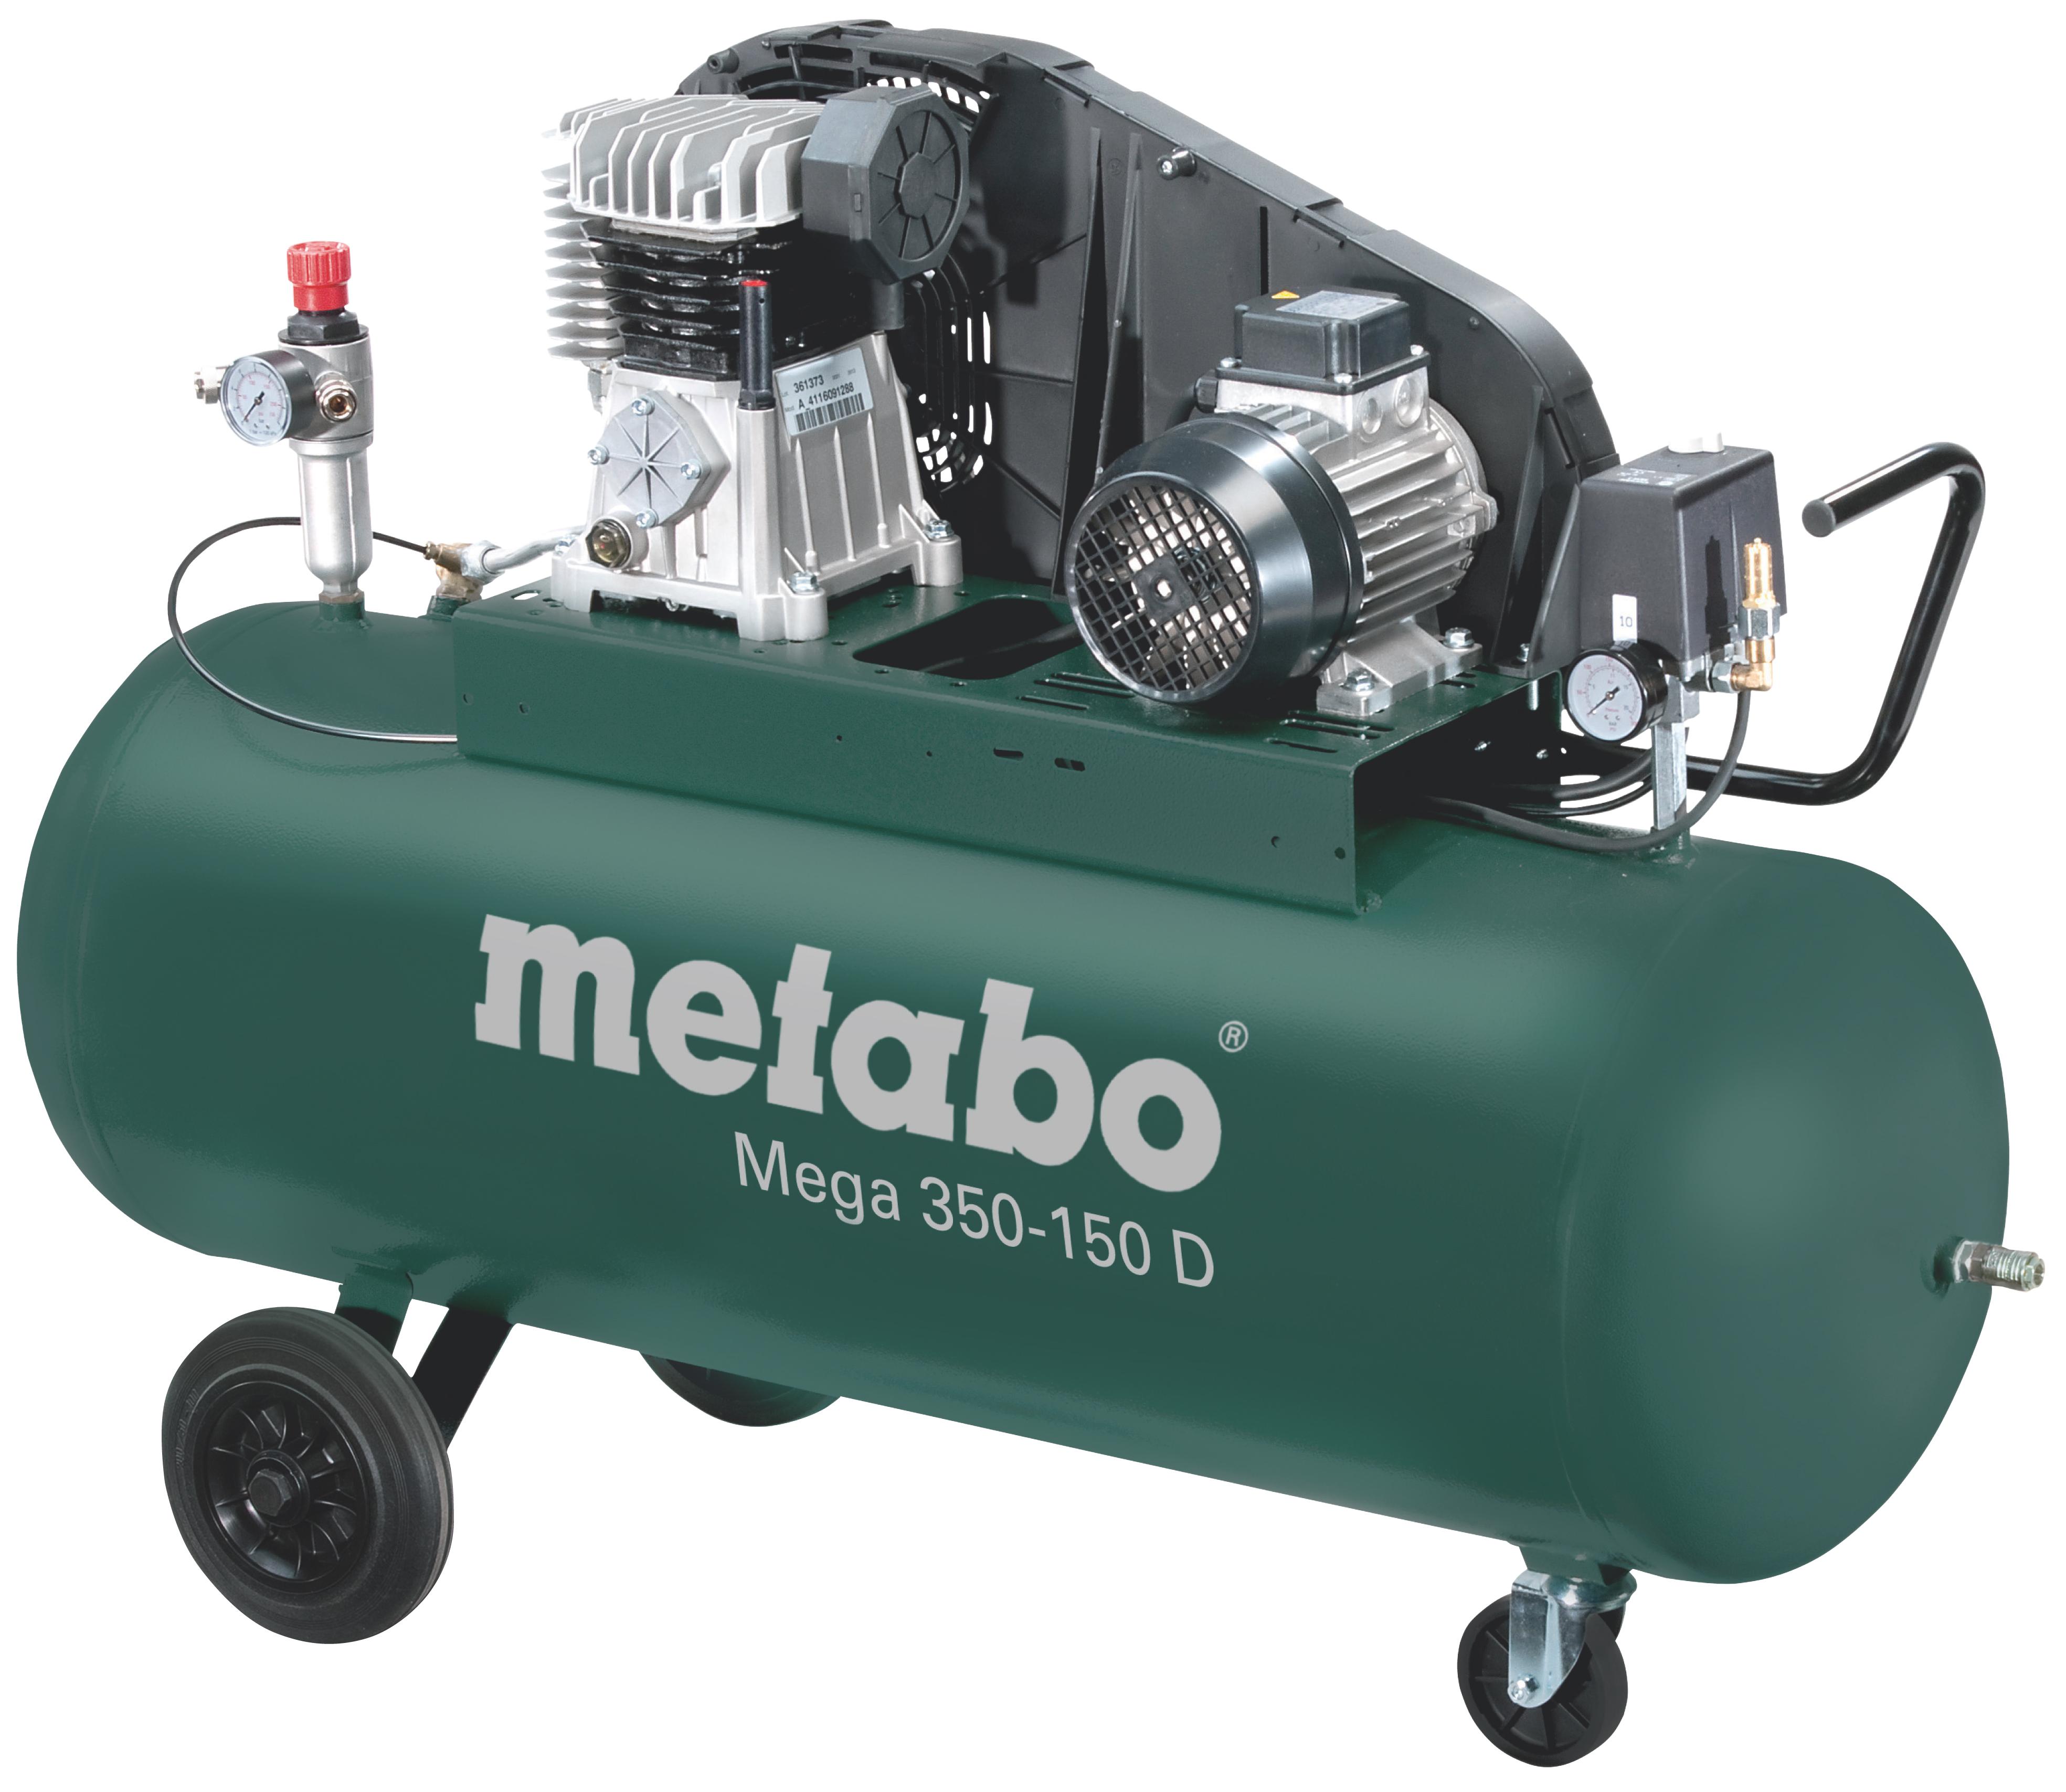 Metabo Mega 350-150 D kompresszor 150l, 2,2kW, 10bar